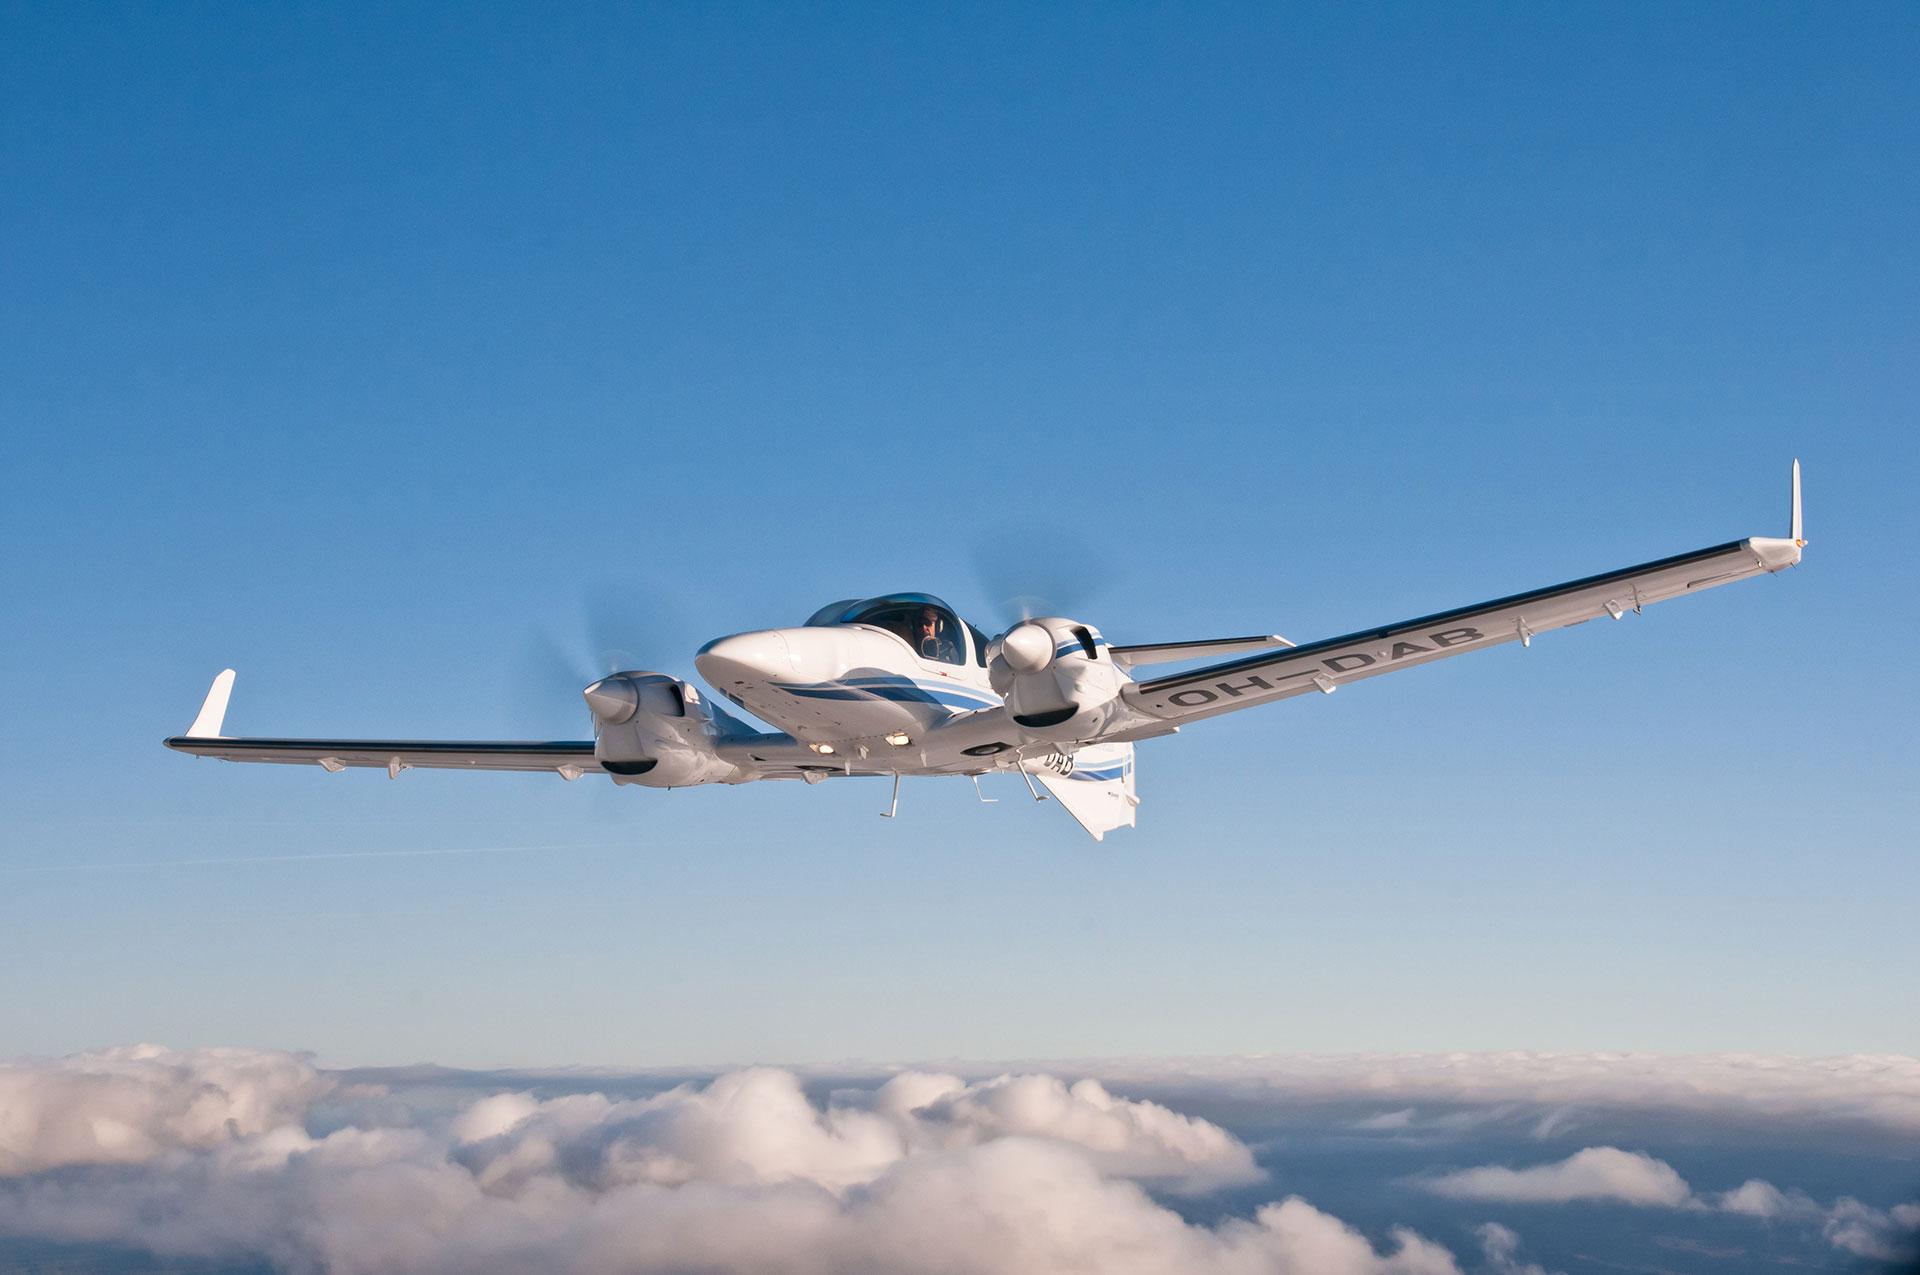 DA 42 - Diamond Aircraft | ATA by Pelletier - Avignon